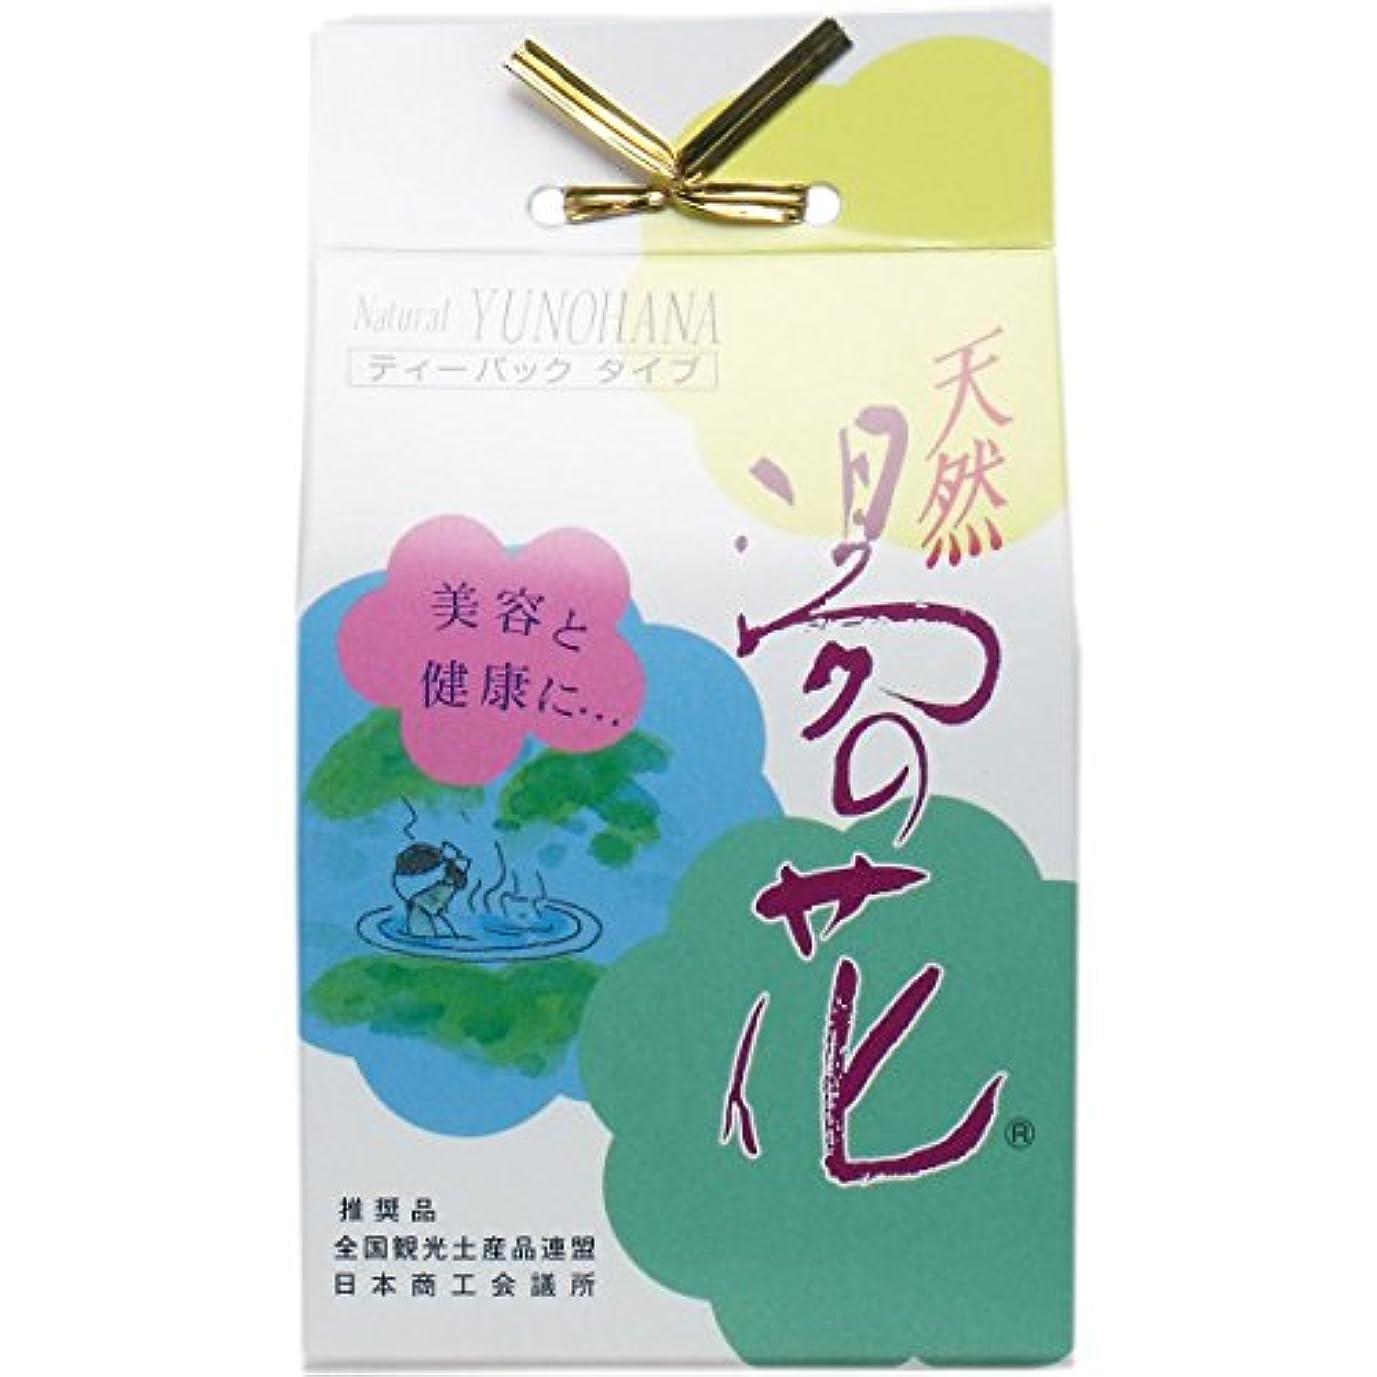 スカーフ影響維持する天然湯の花 KTS (15g × 3包)